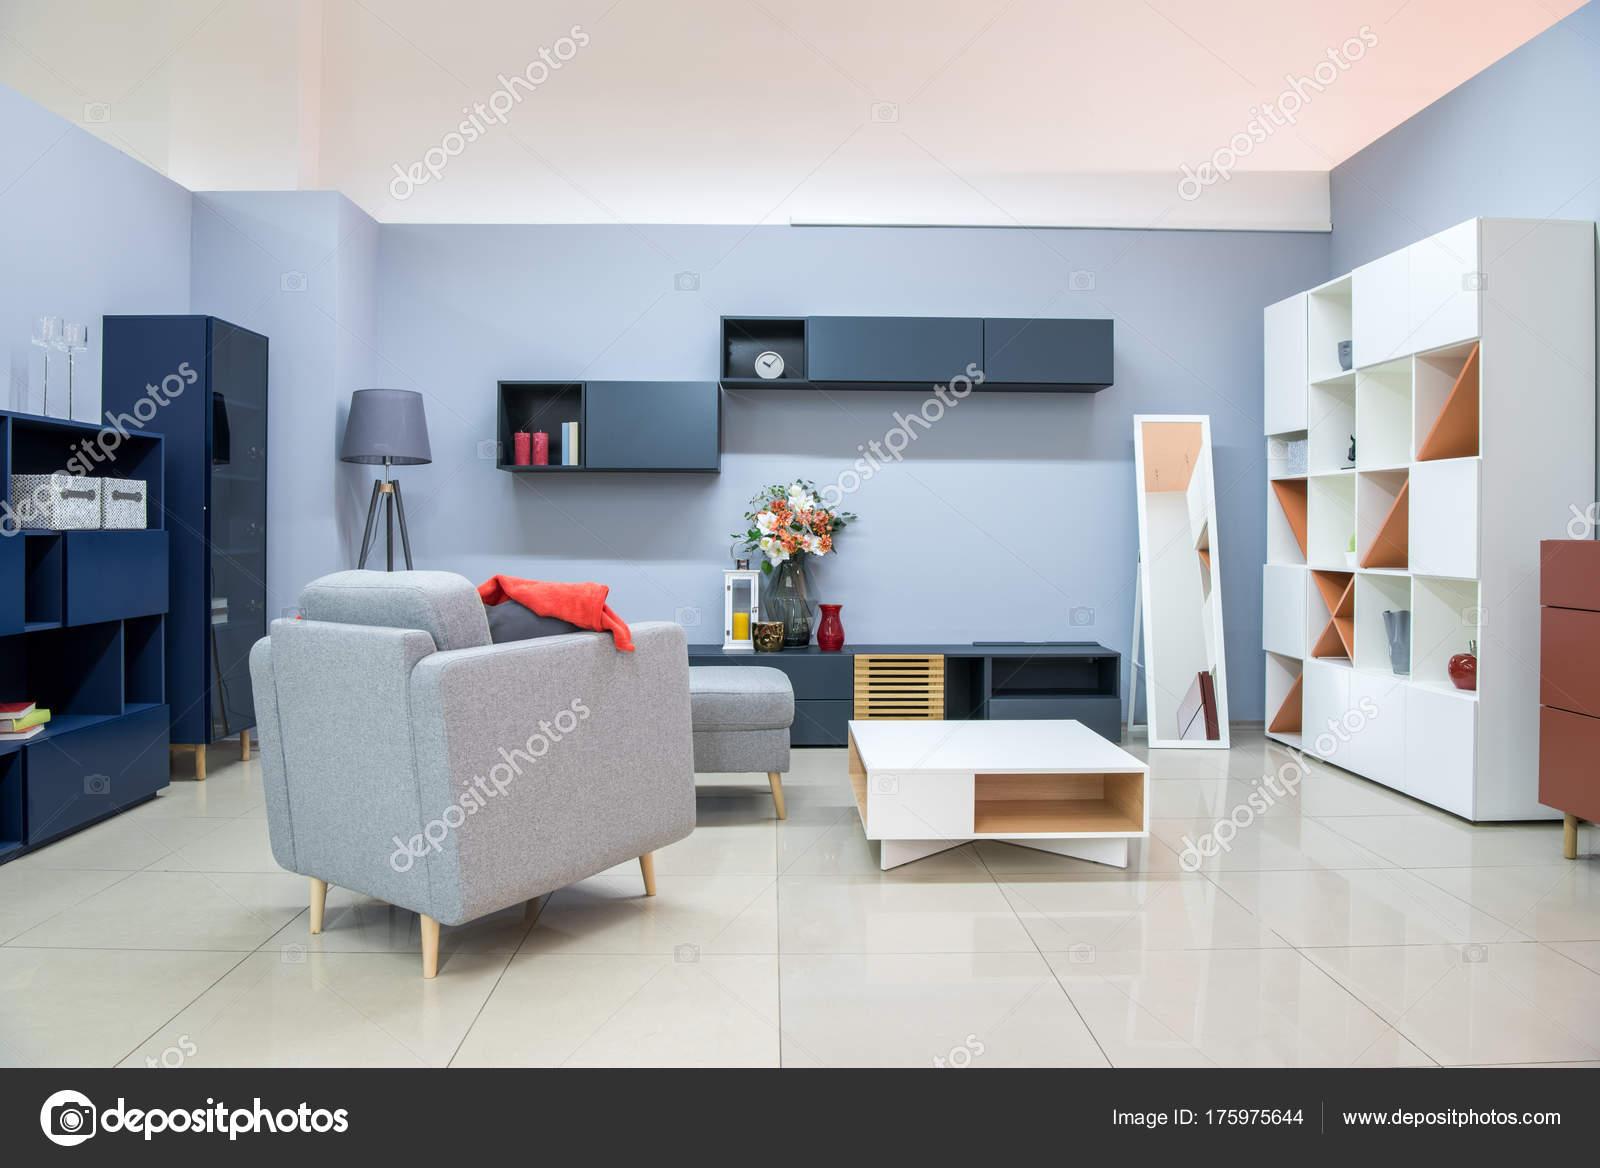 Verzauberkunst Wohnzimmer Einrichtung Modern Das Beste Von Moderne Mit Möbel — Stockfoto